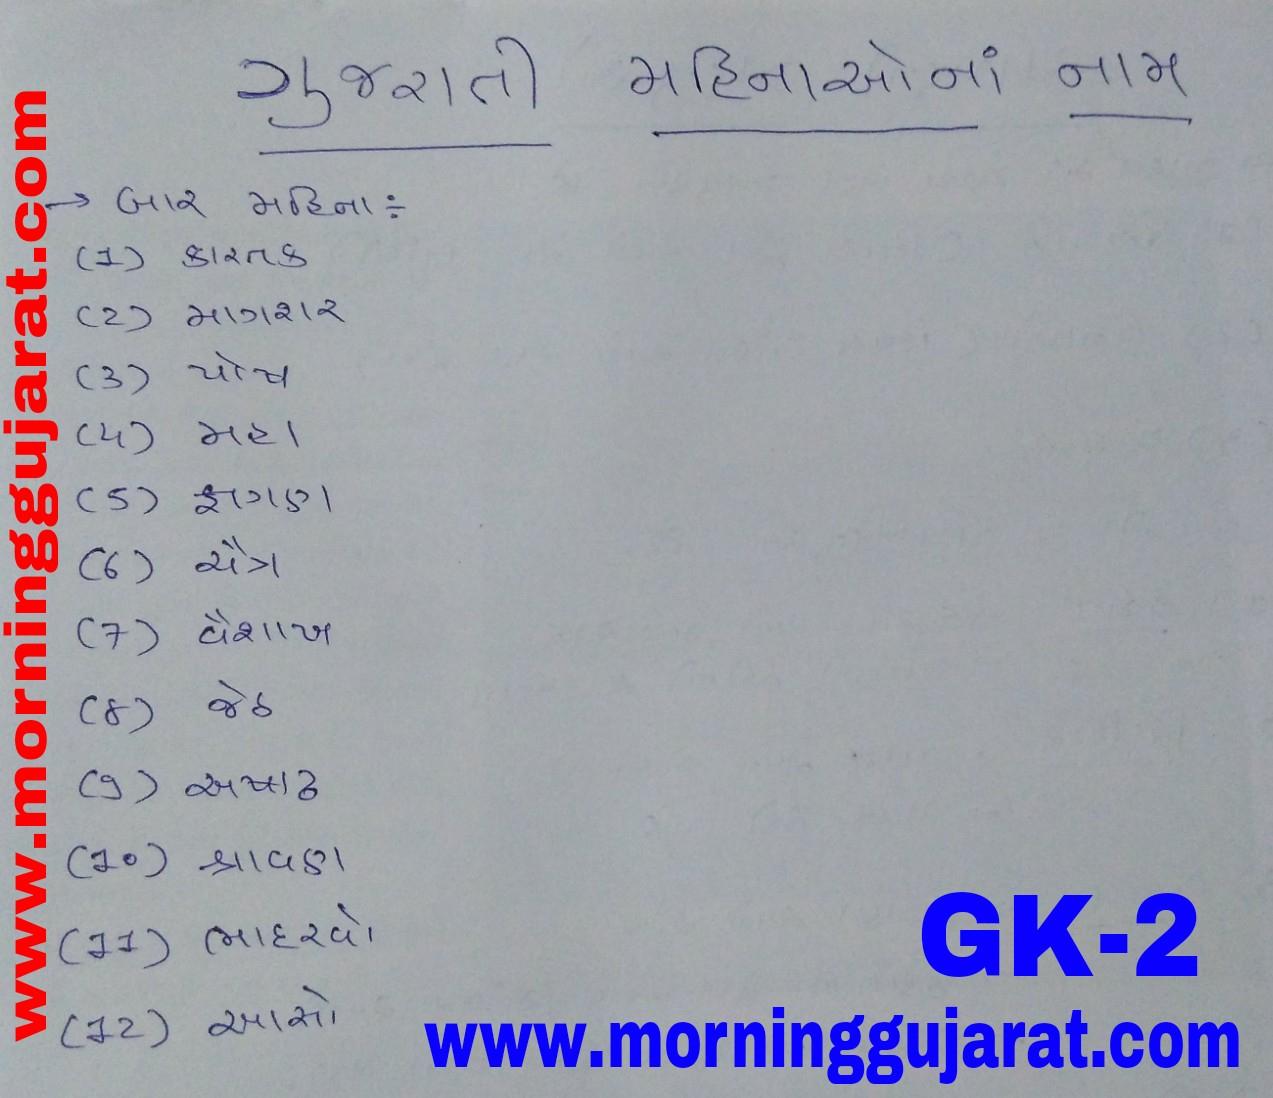 Gujarati Mahina Namegk2 | Talati,gpsc,tet,tat,htat,htet for Gujarati Month Calendar